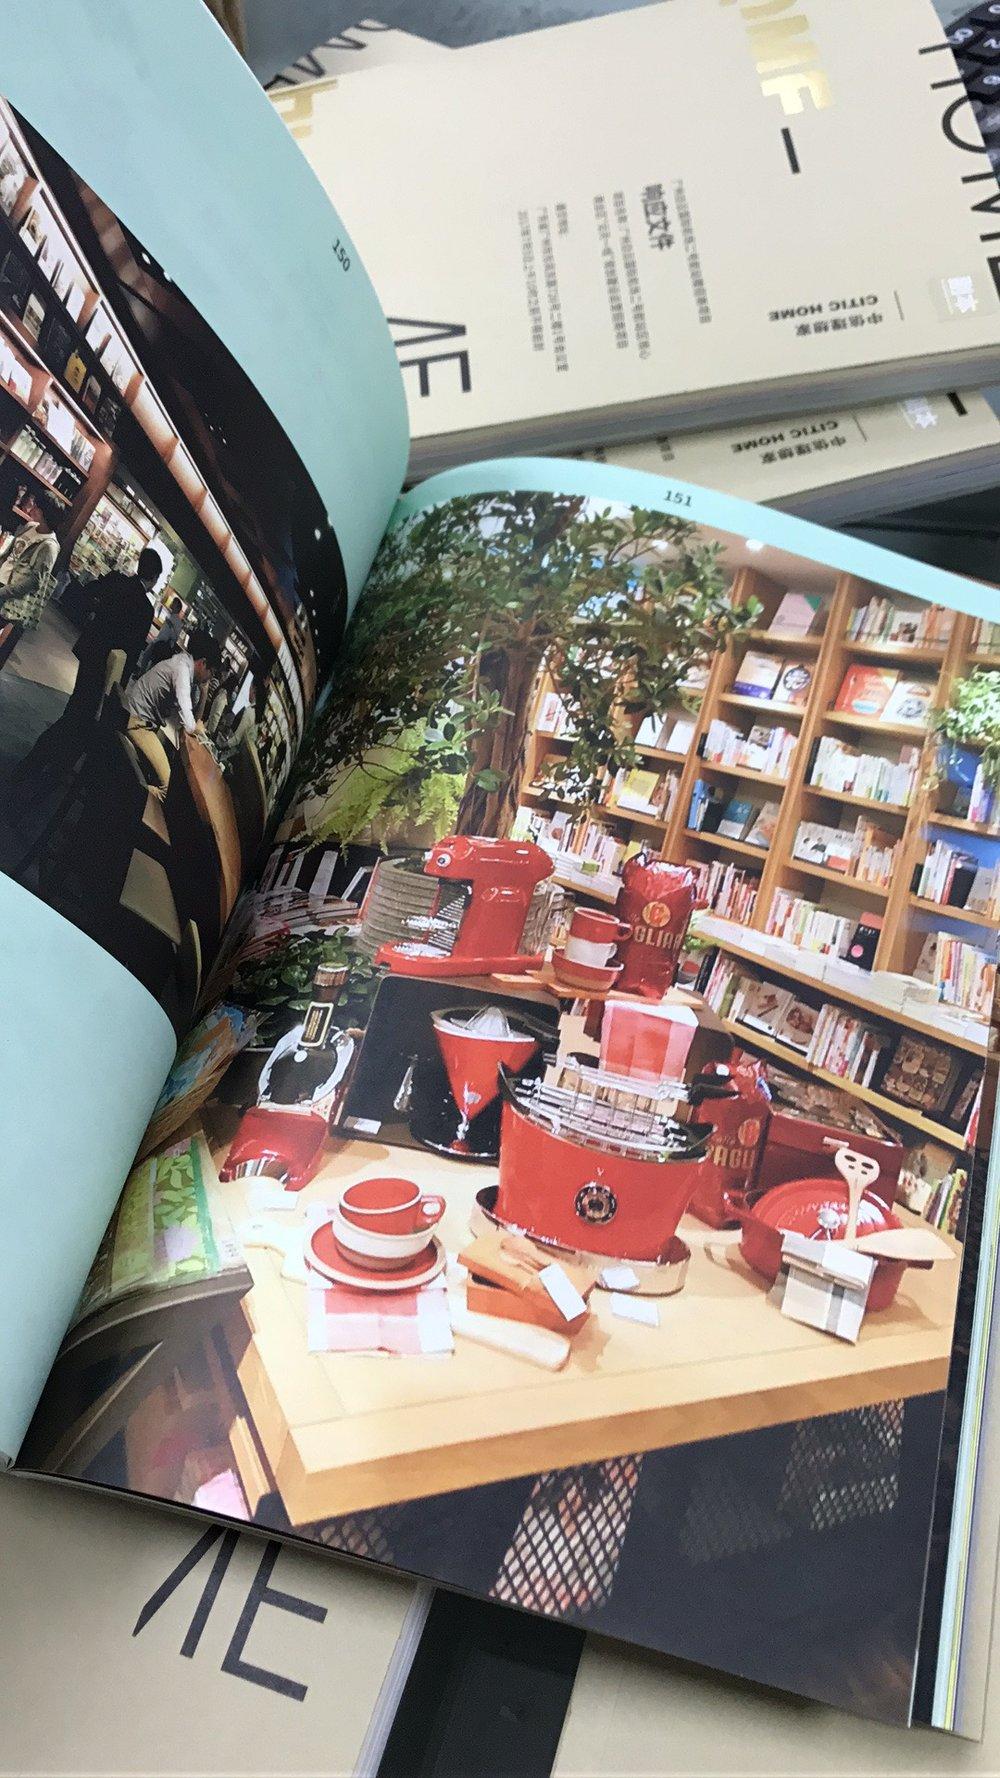 中信招标文件 - 广州白云机场新航站楼内3000㎡的中信书店新概念的成功阐释。